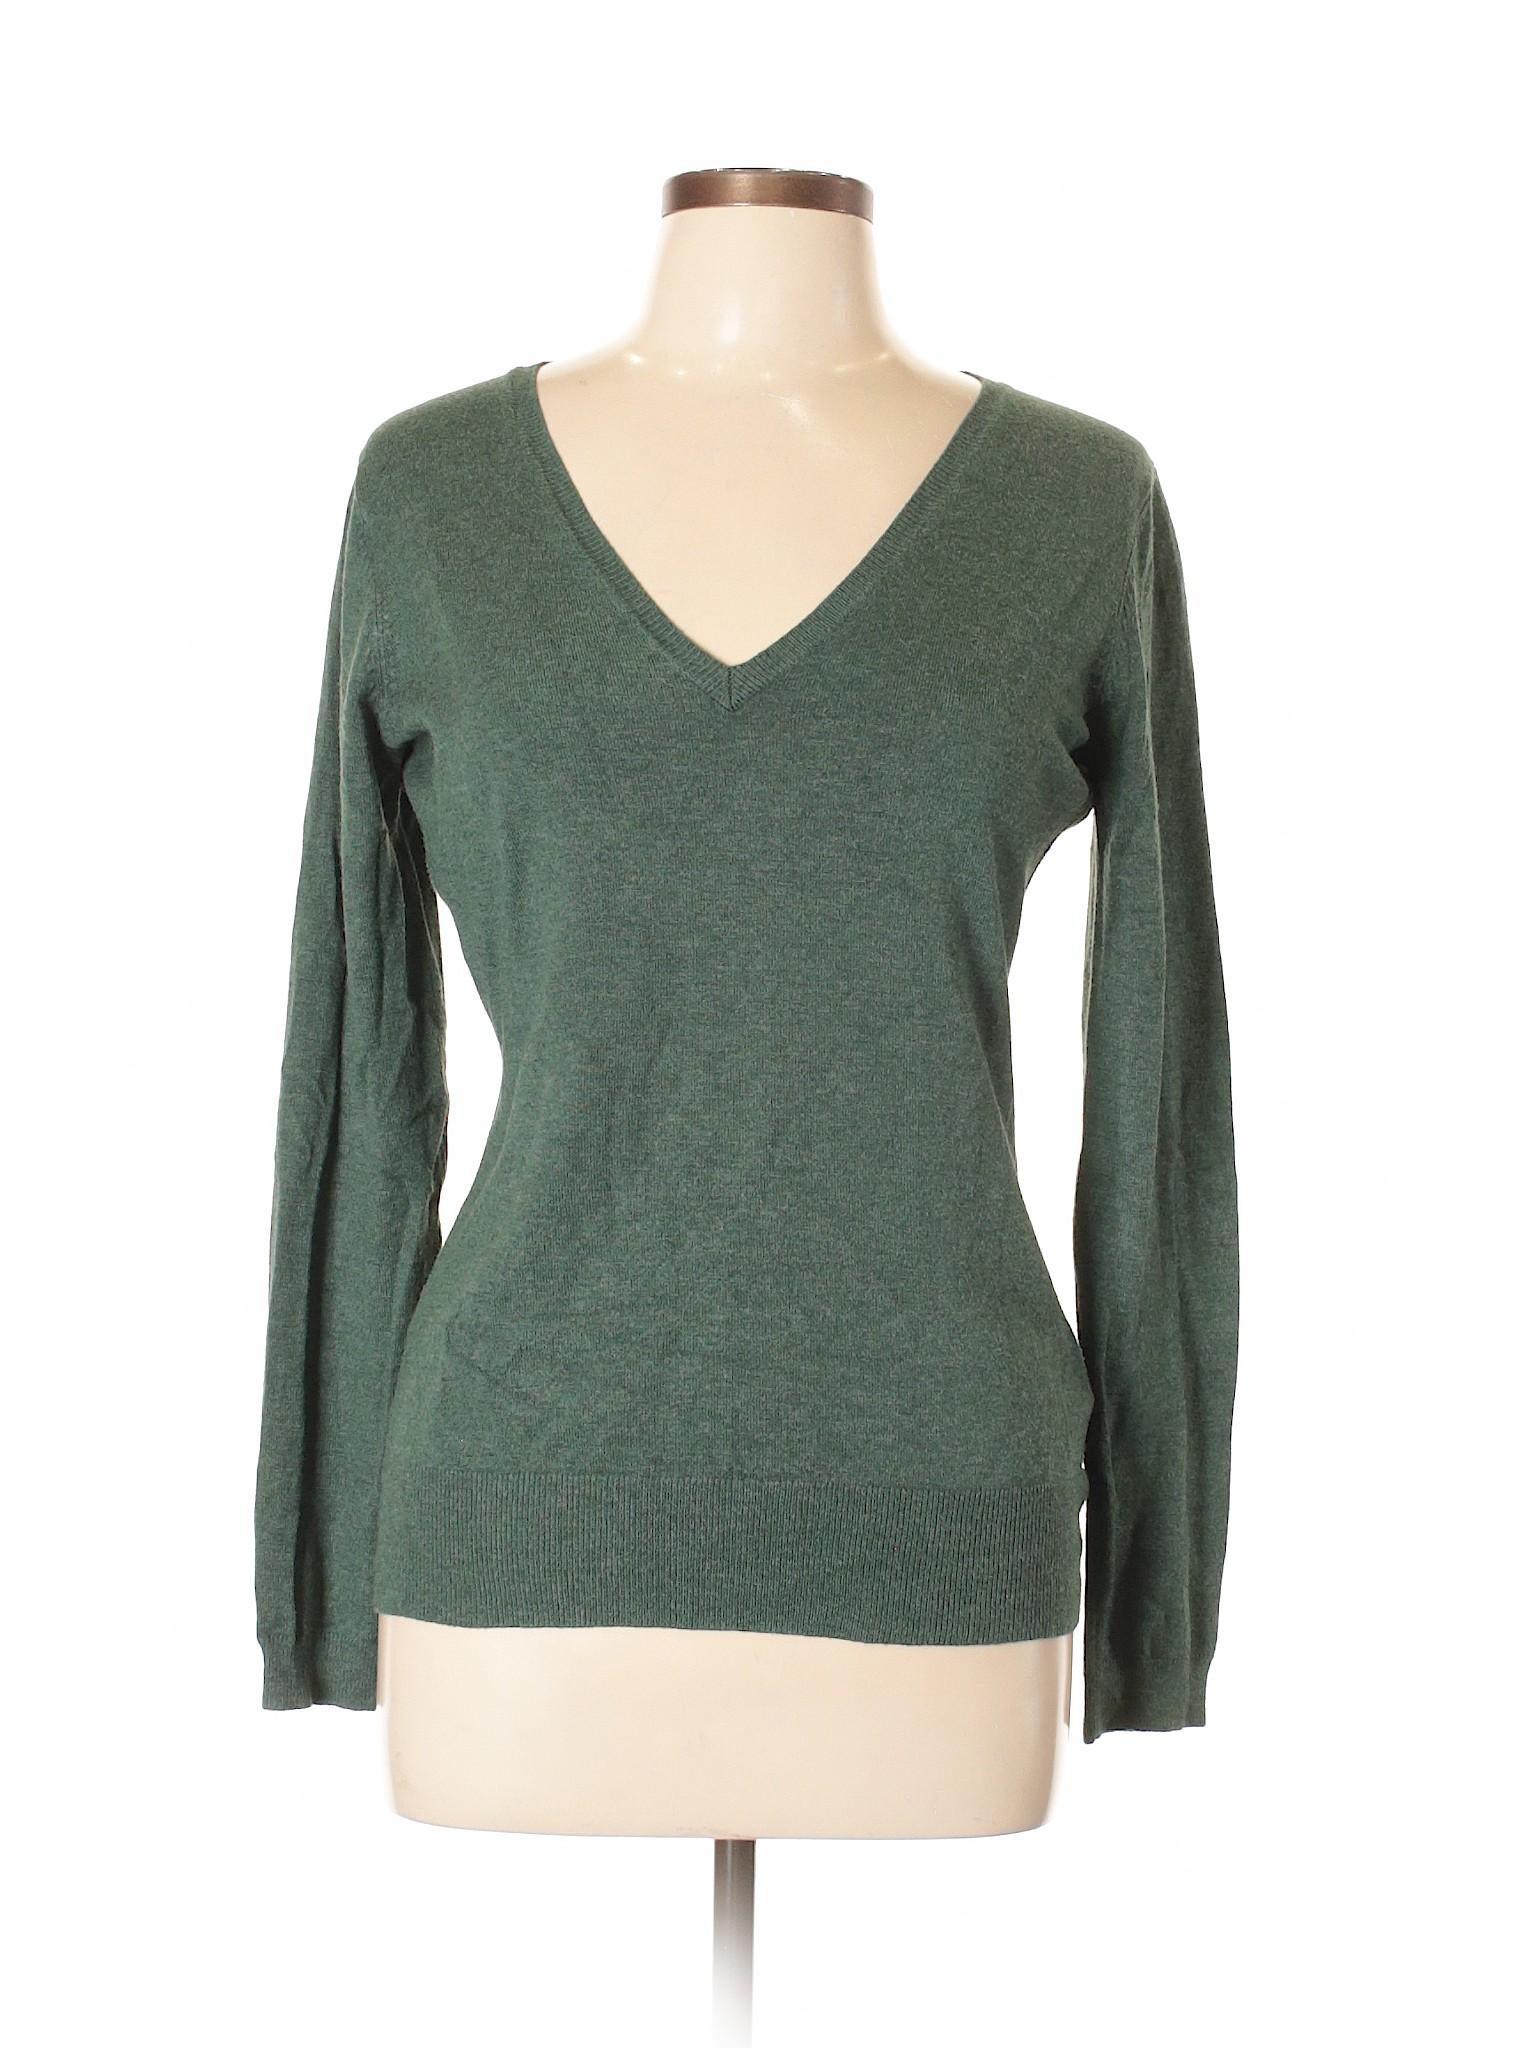 Sweater Pullover Pullover Mexx Boutique Boutique Mexx nX70RxR